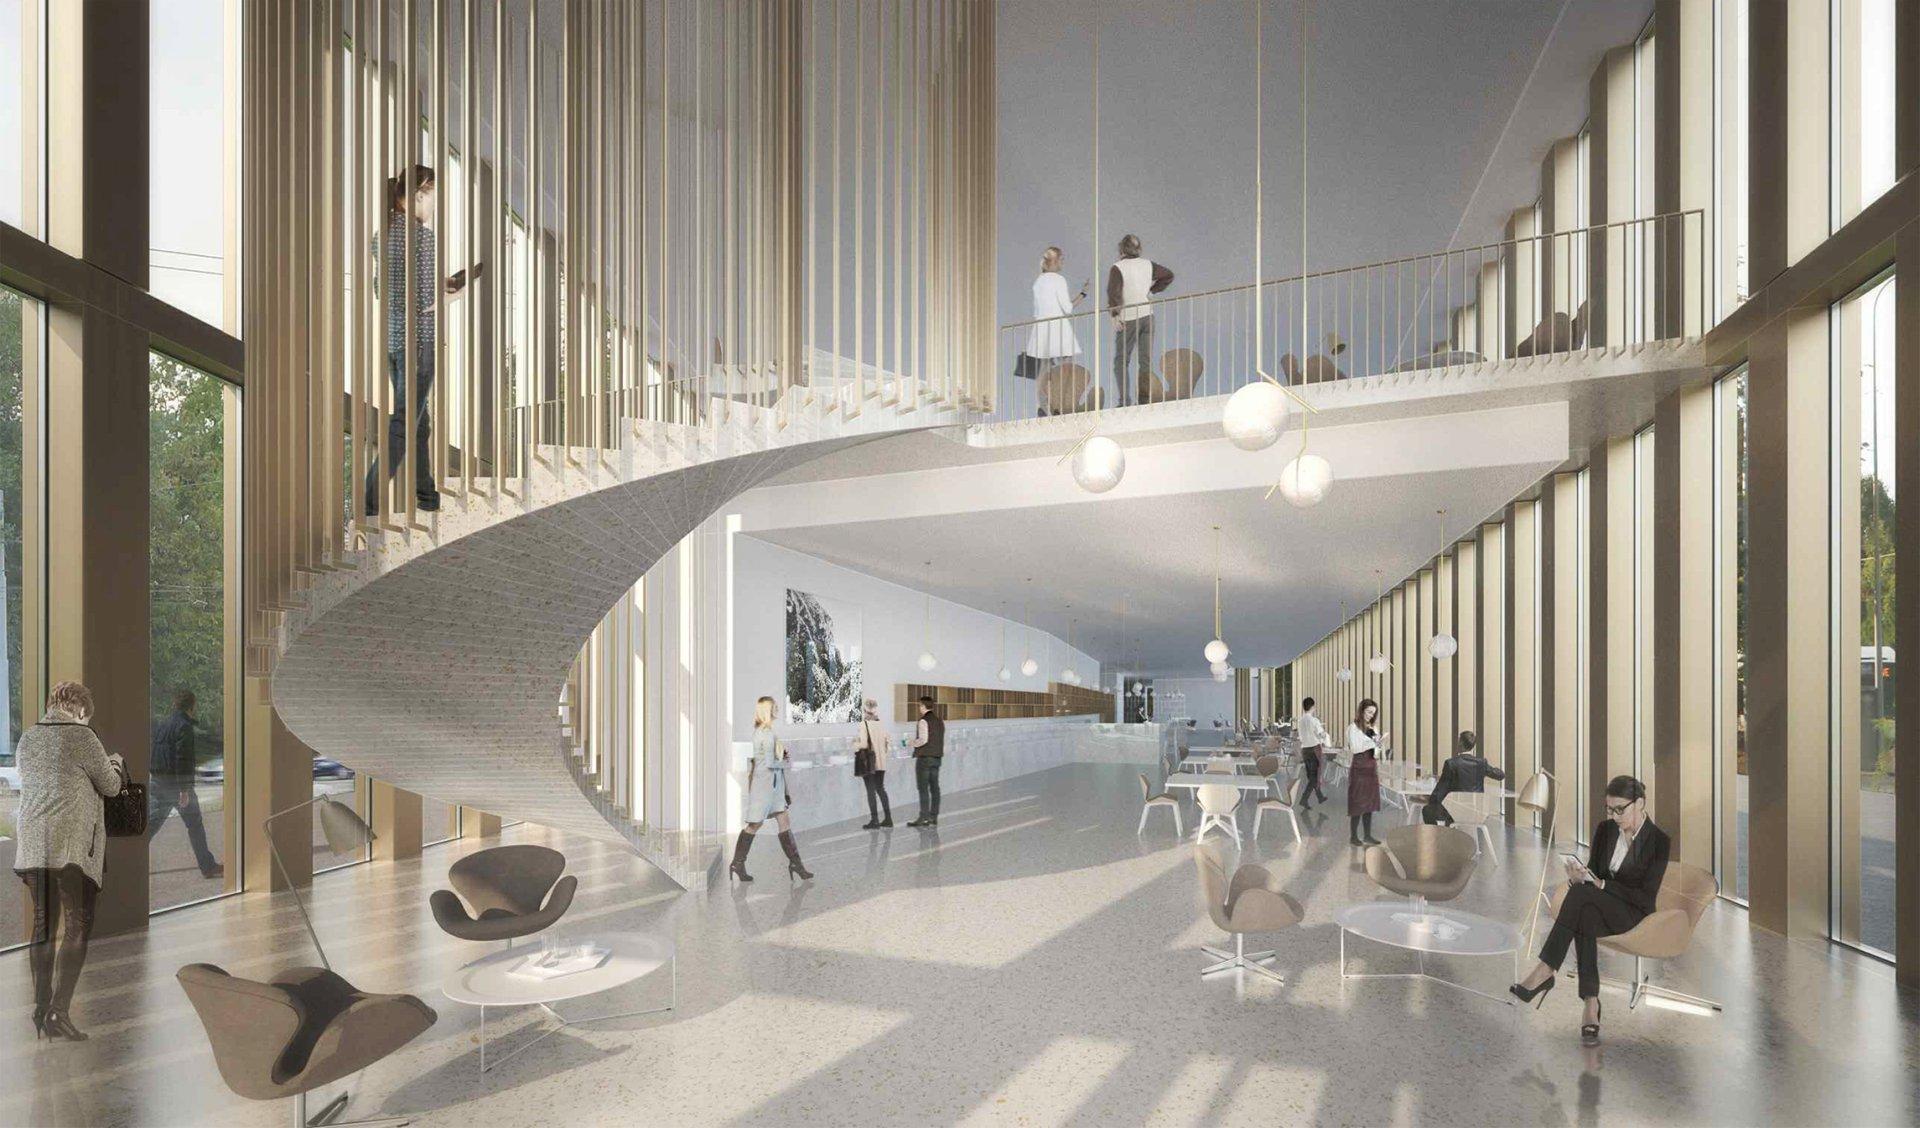 Radisson Blu eröffnet erstes Hotel in Genf | hotelbau